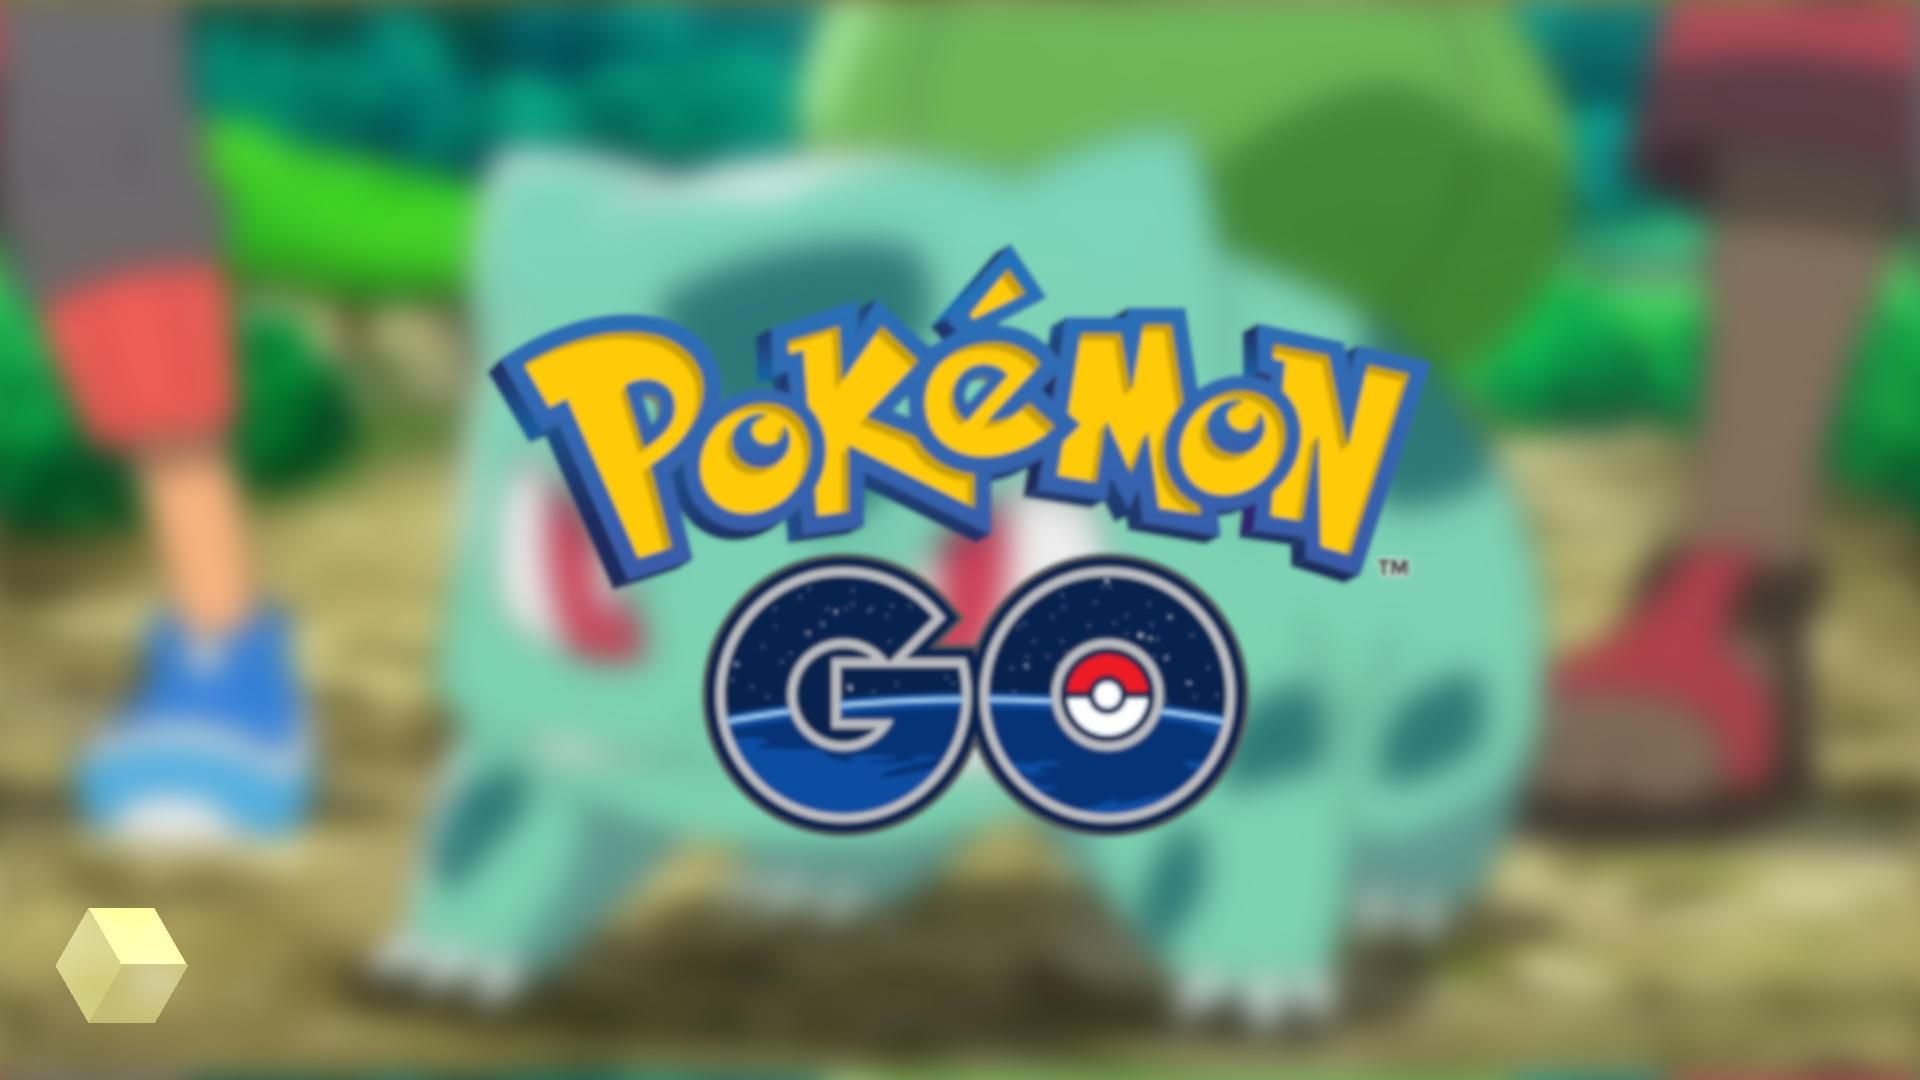 Pokémon Go запустился в России спустя два года после мирового старта